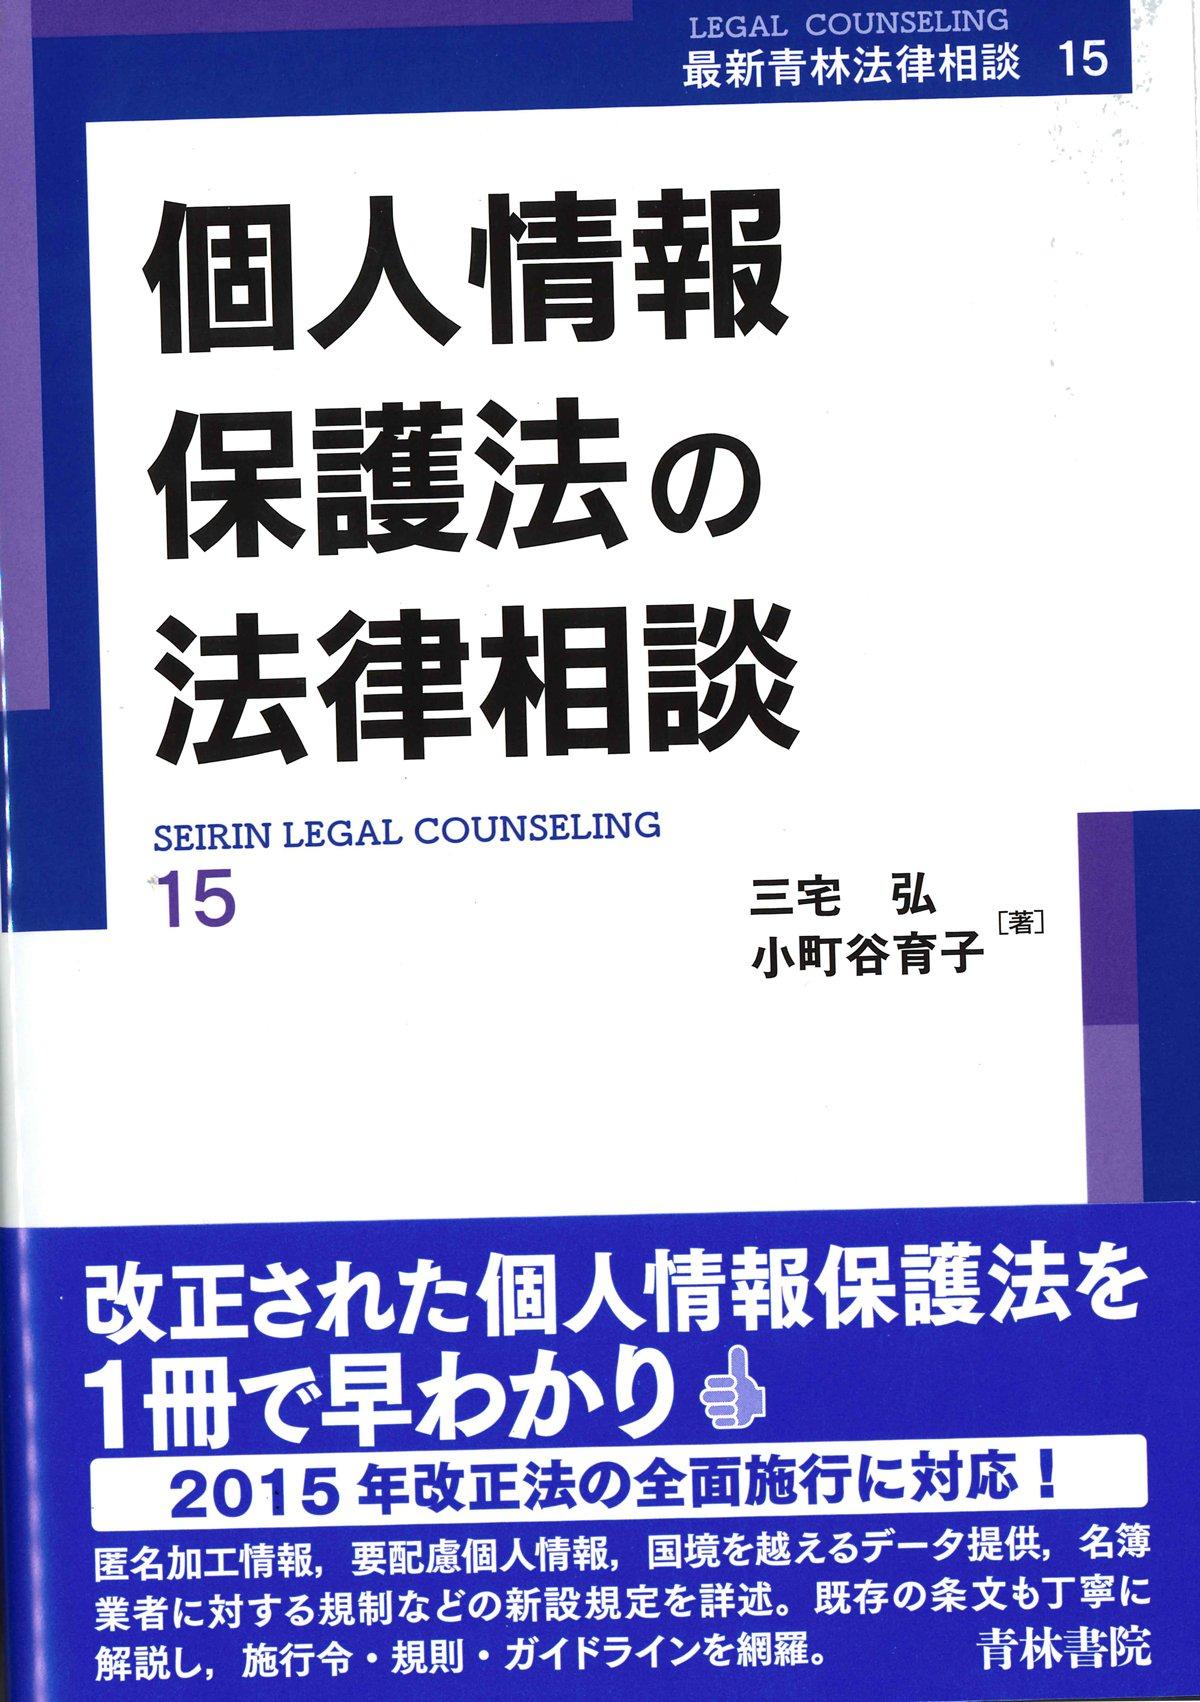 保護 法 情報 個人